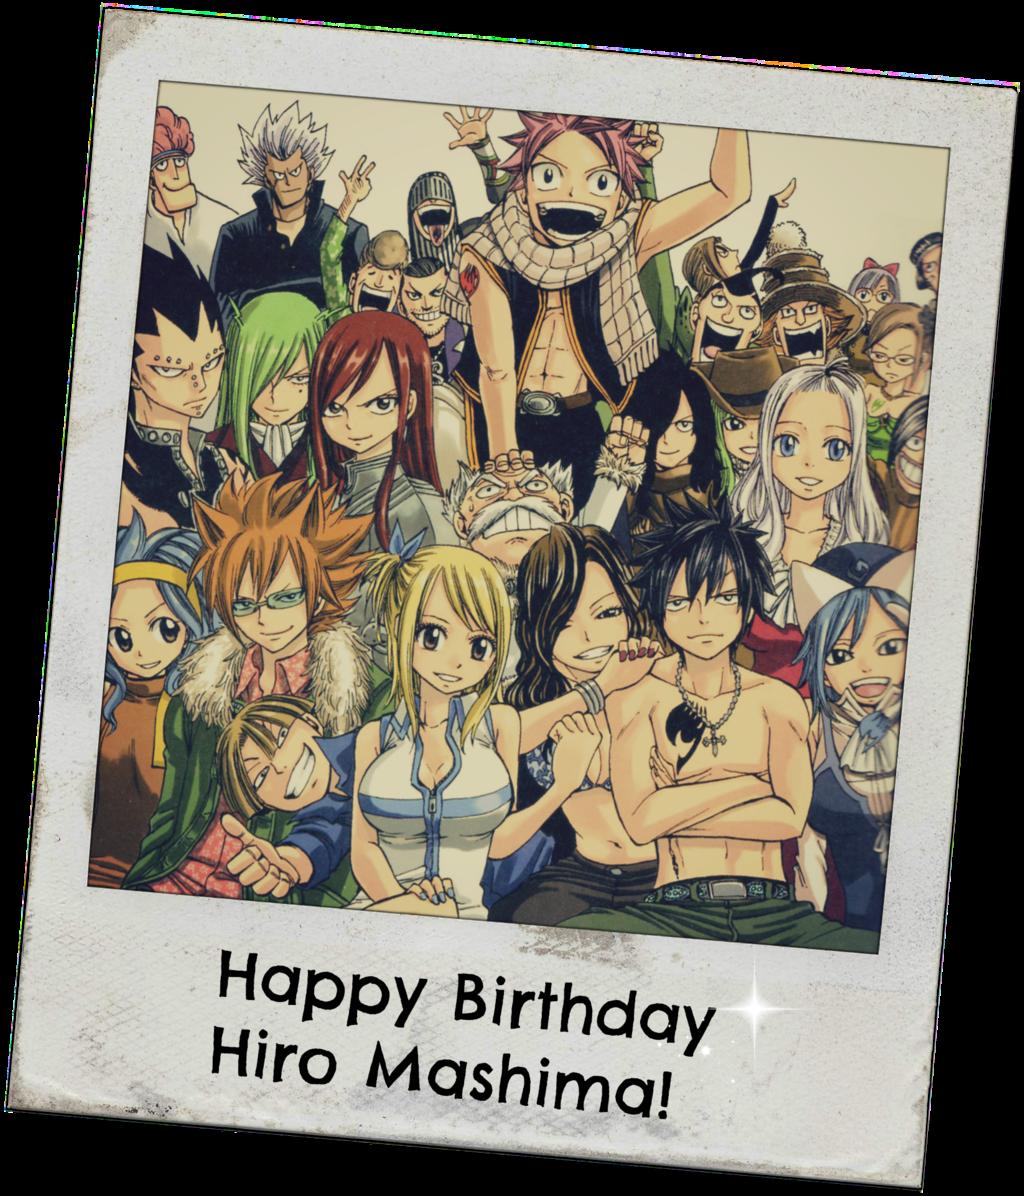 Виде, фейри тейл открытки с днем рождения